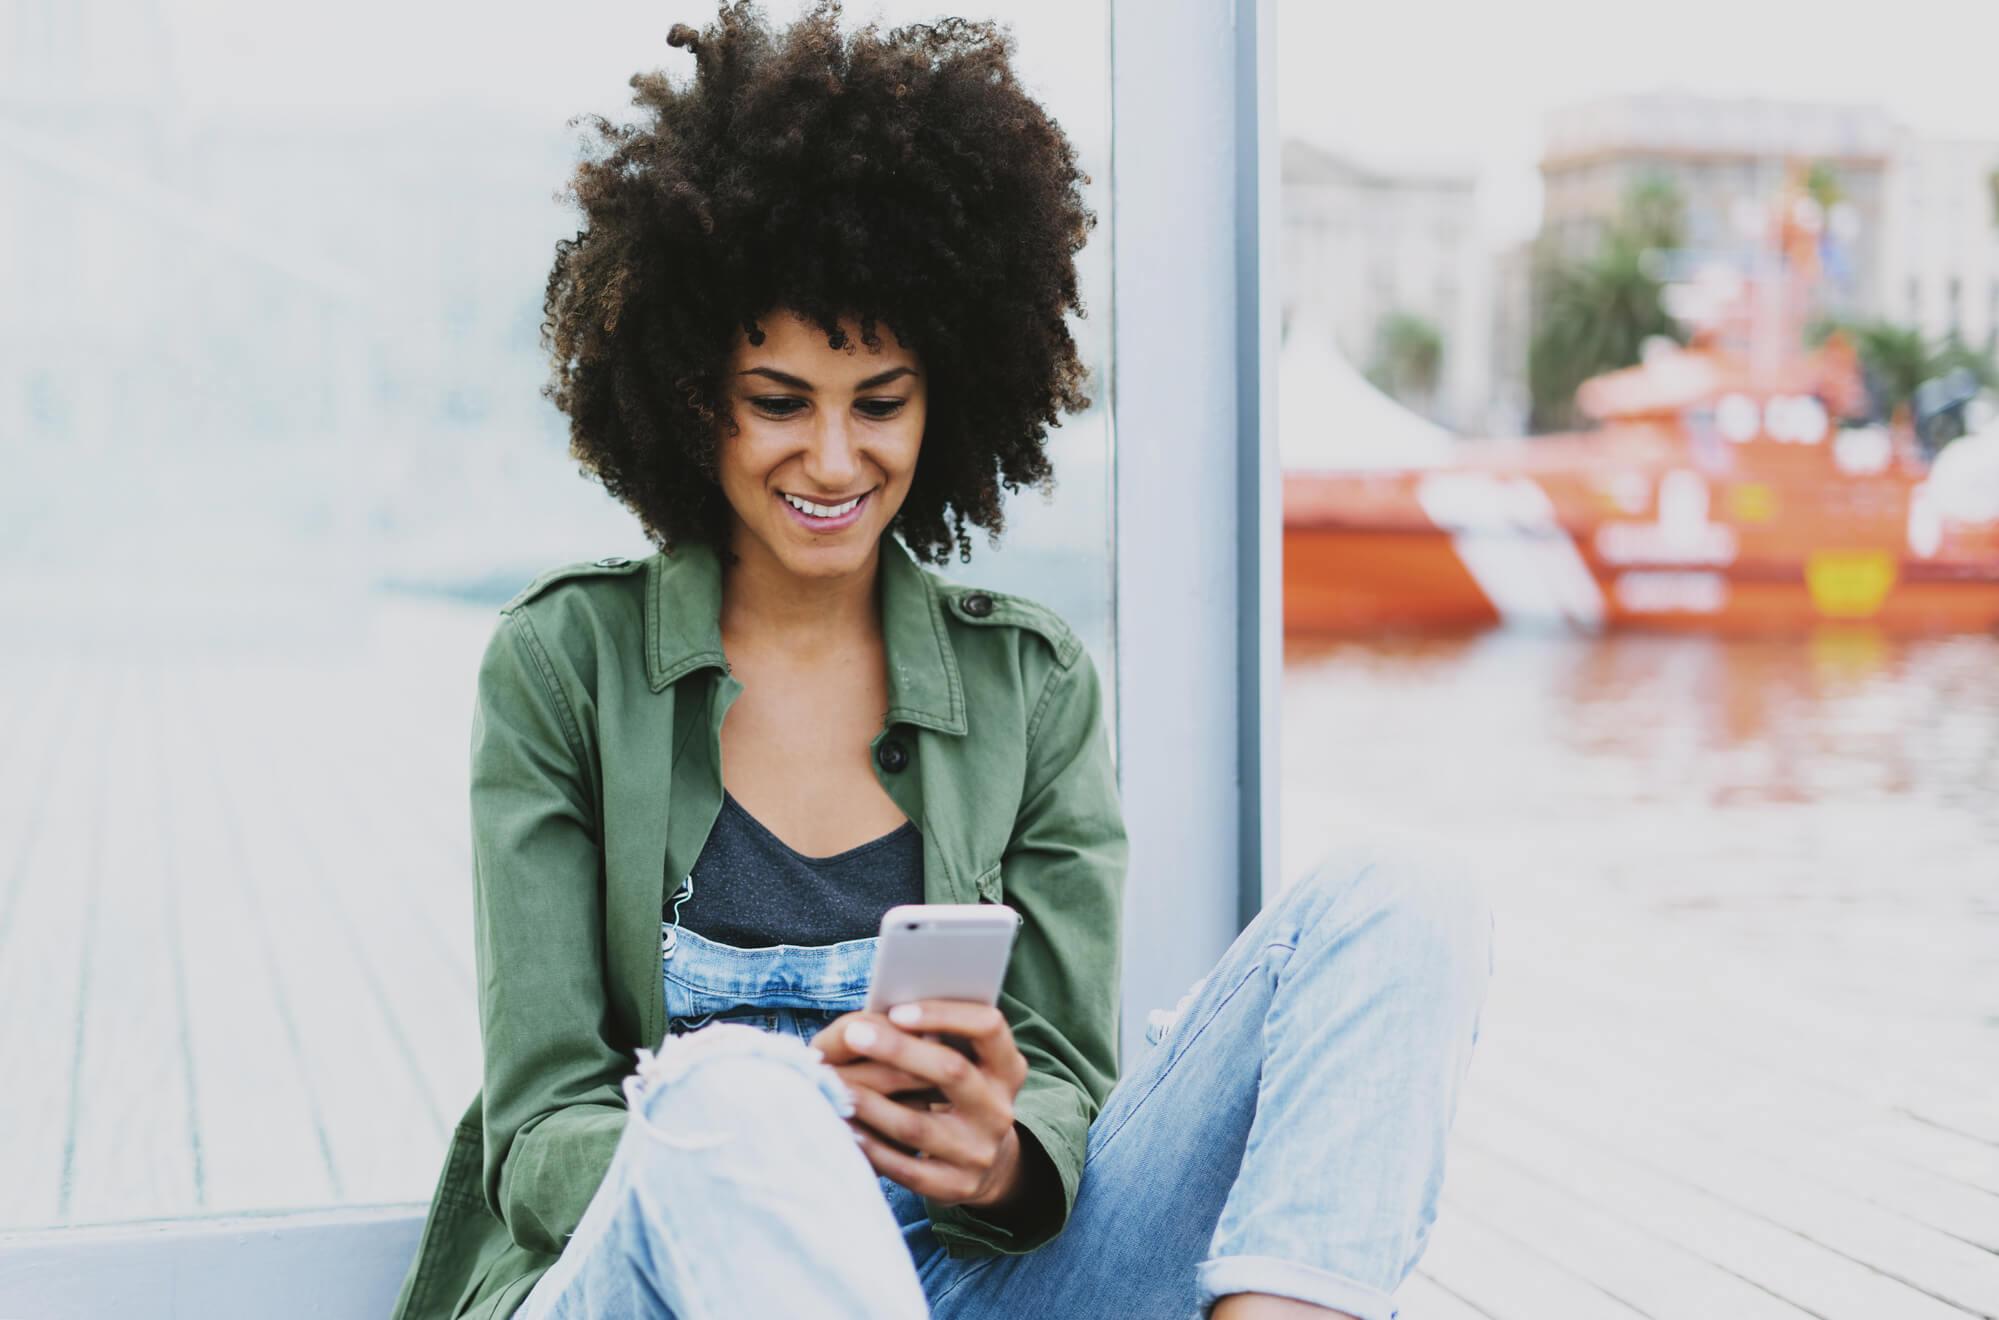 conheca-as-5-maiores-tendencias-de-comunicacao-digital